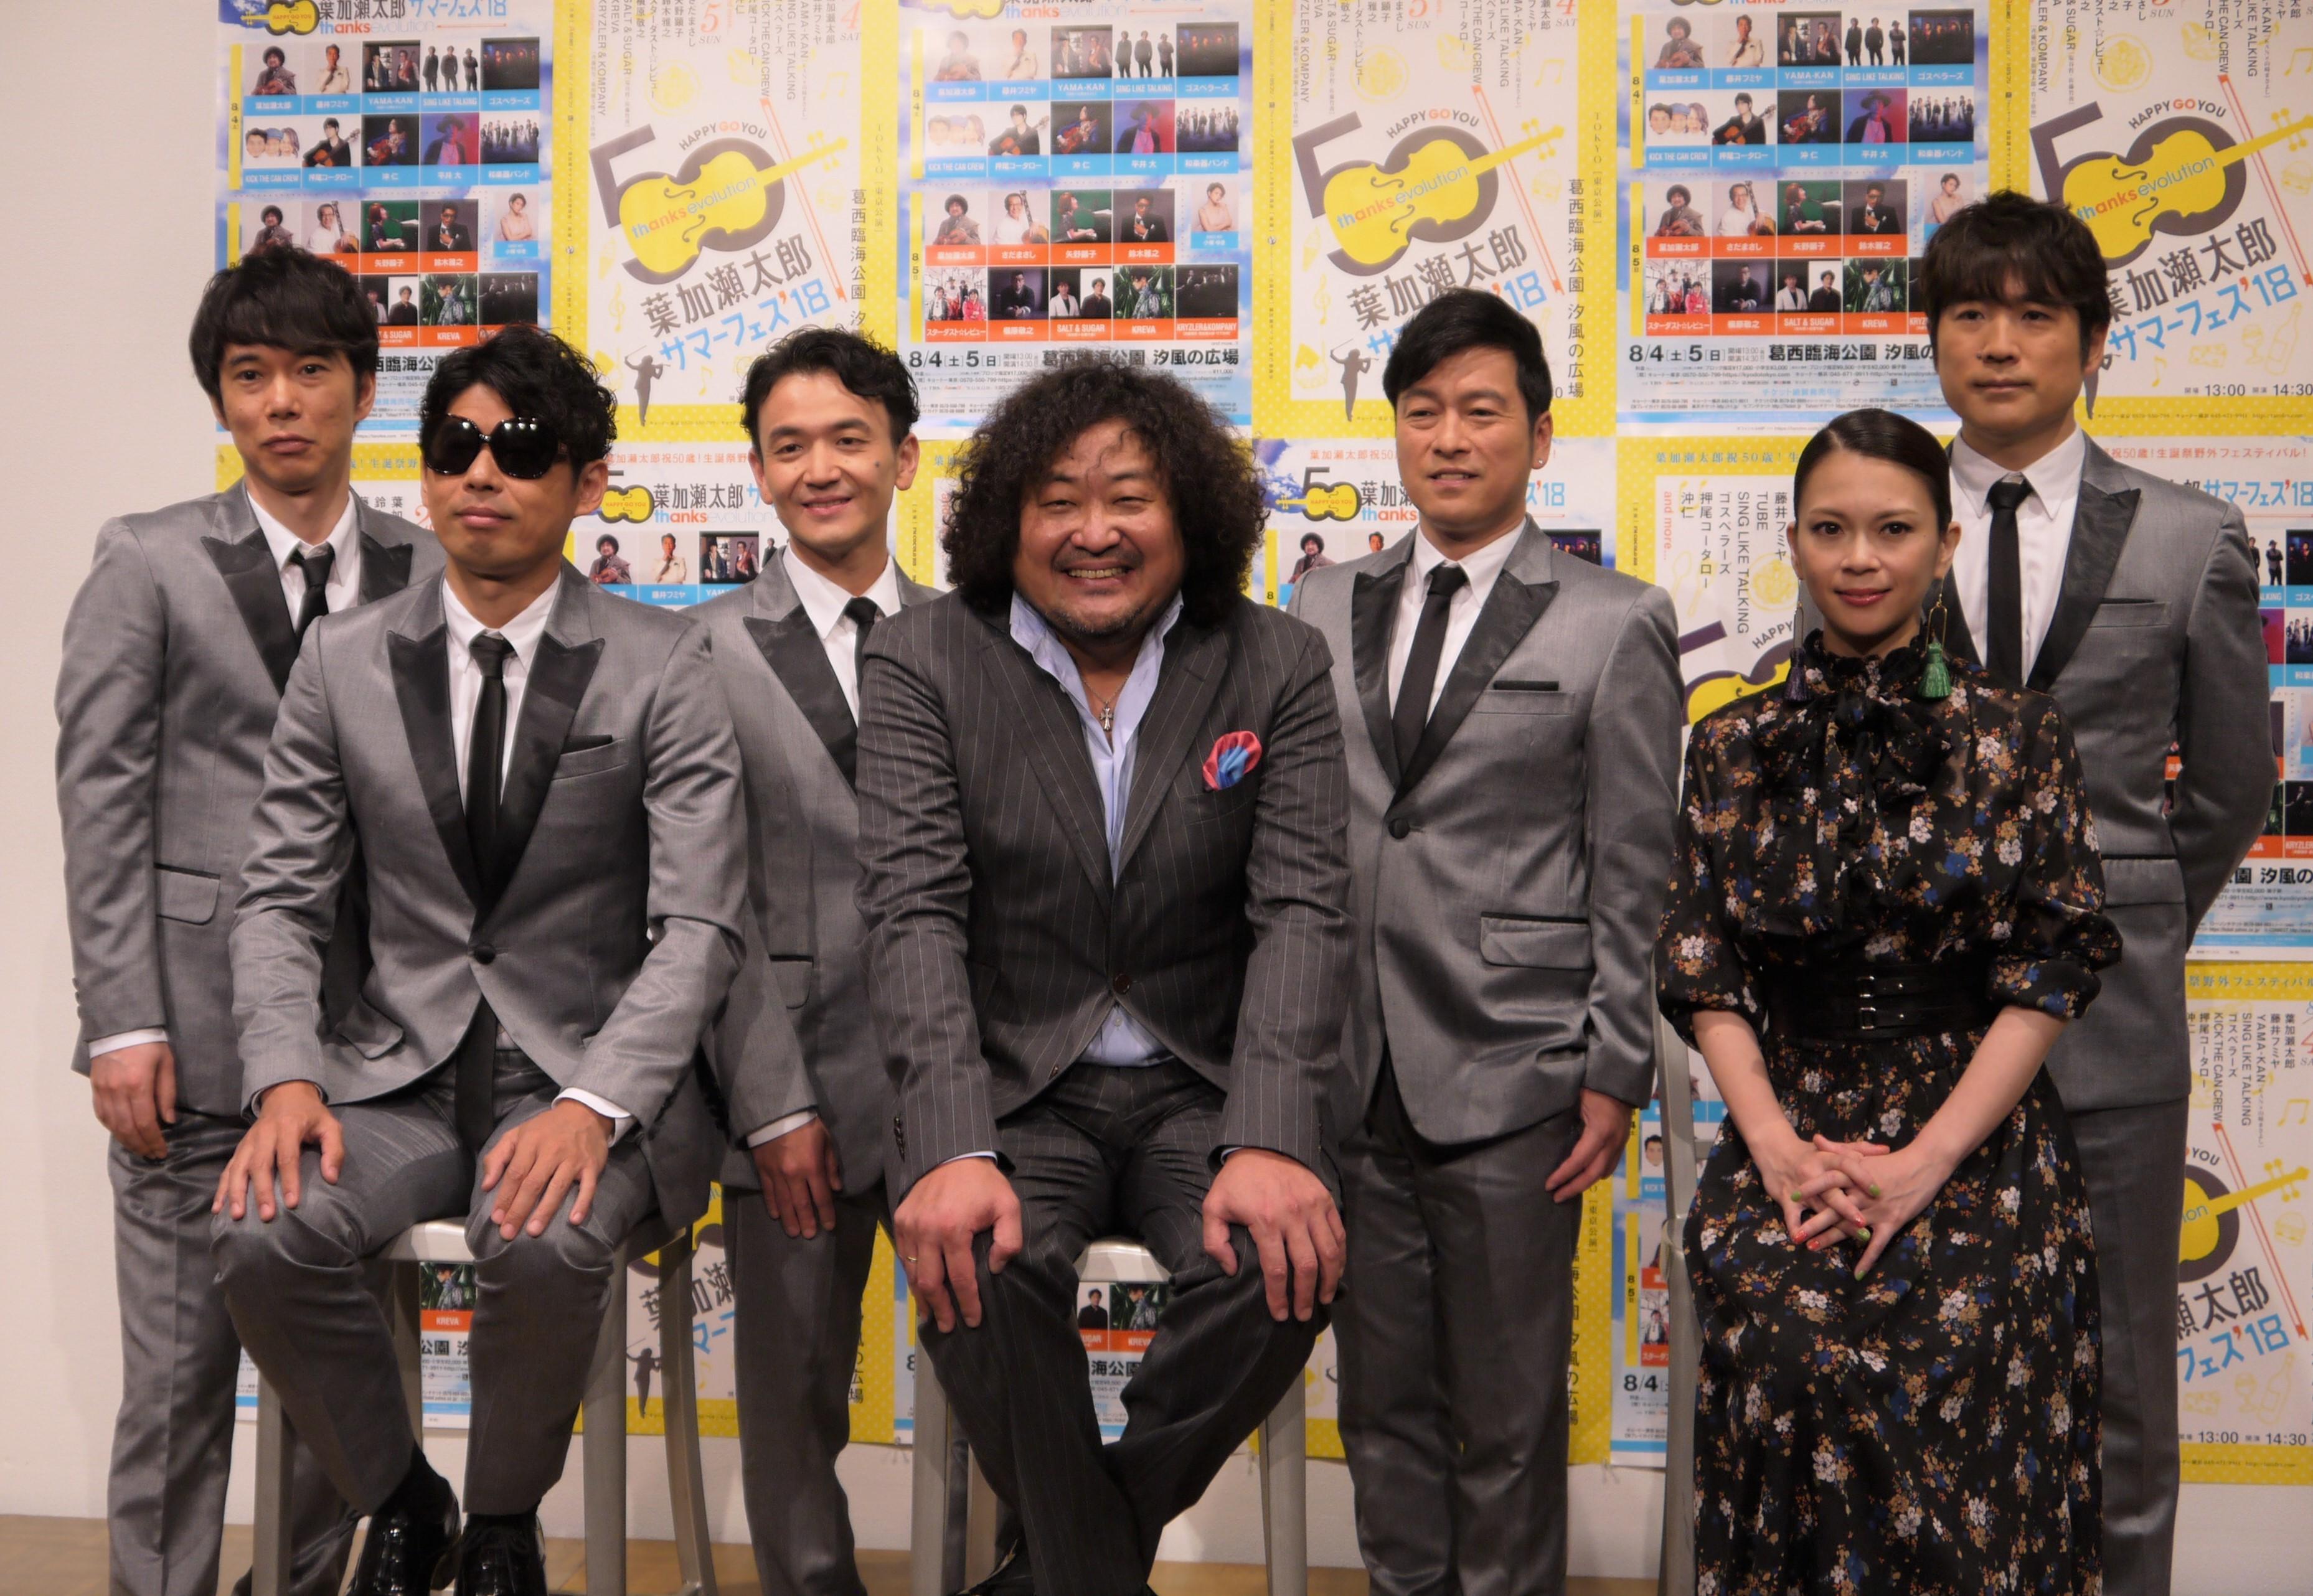 前列左から村上てつや、葉加瀬太郎、小柳ゆき、後列左から北山陽一、安岡優、黒沢薫、酒井雄二